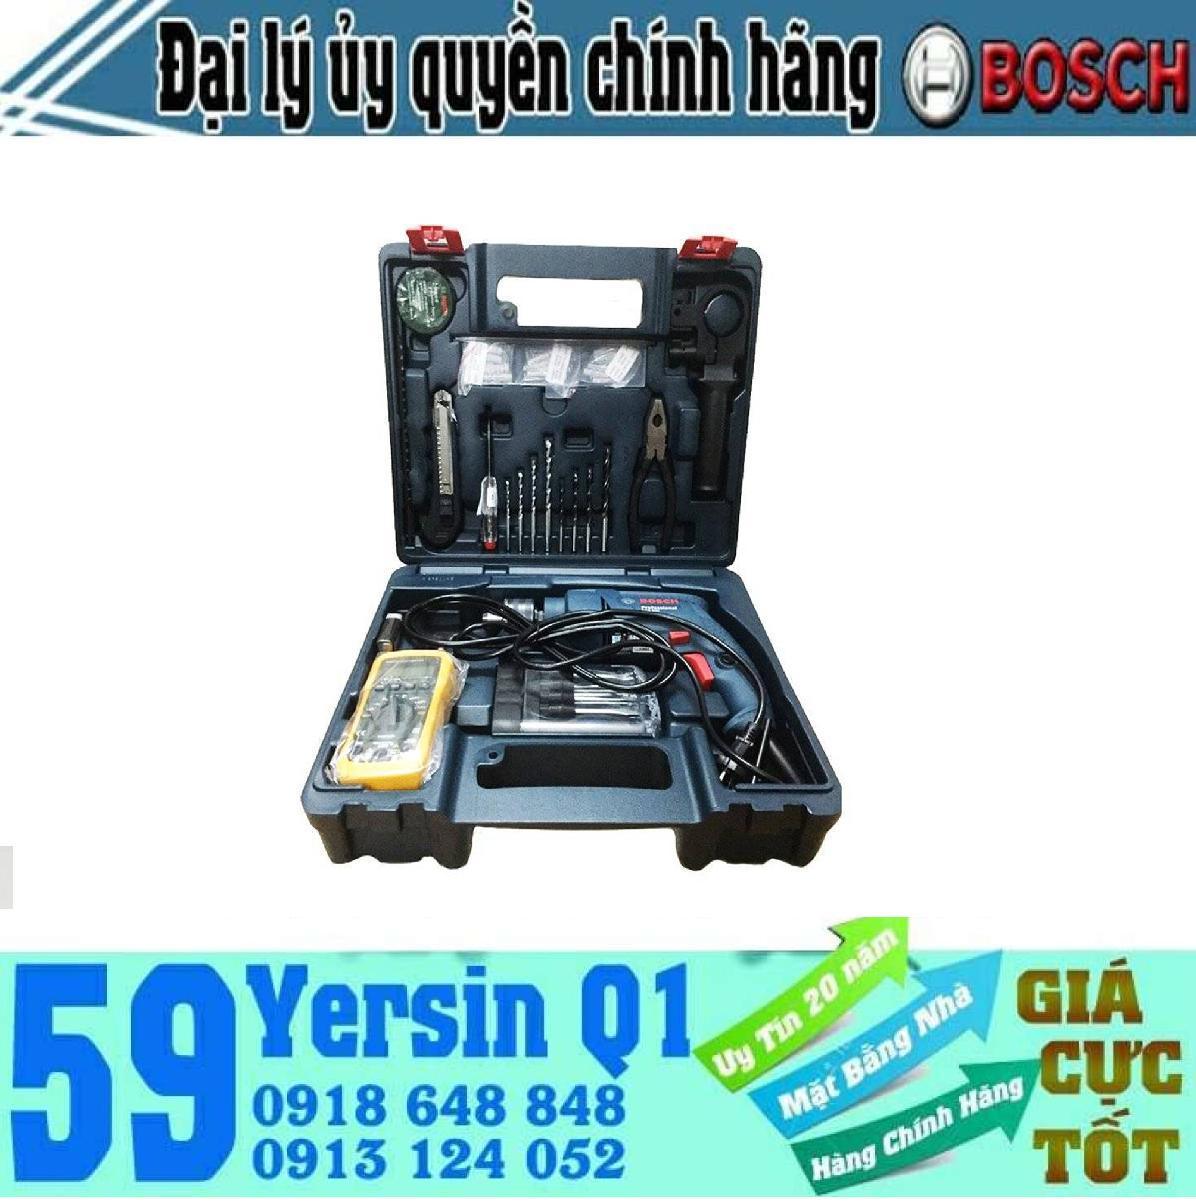 Bộ máy khoan 13mm thợ điện Bosch GSB 550